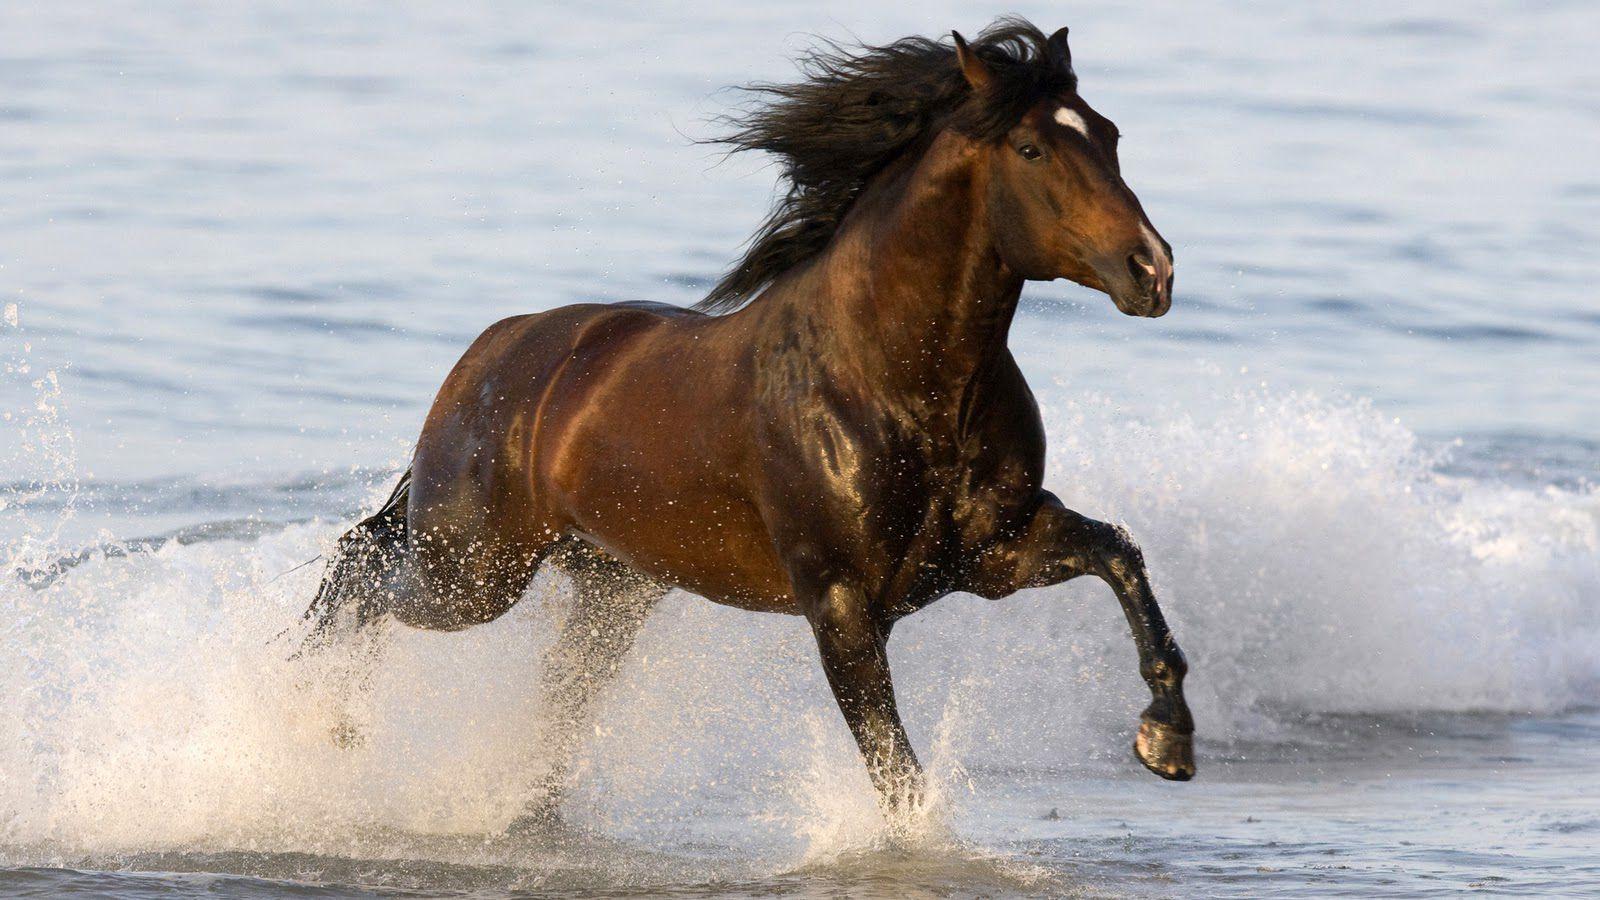 Fantastic Wallpaper Horse Beach - cf351549113f213ca53292997fe9c887  Trends_732110.jpg